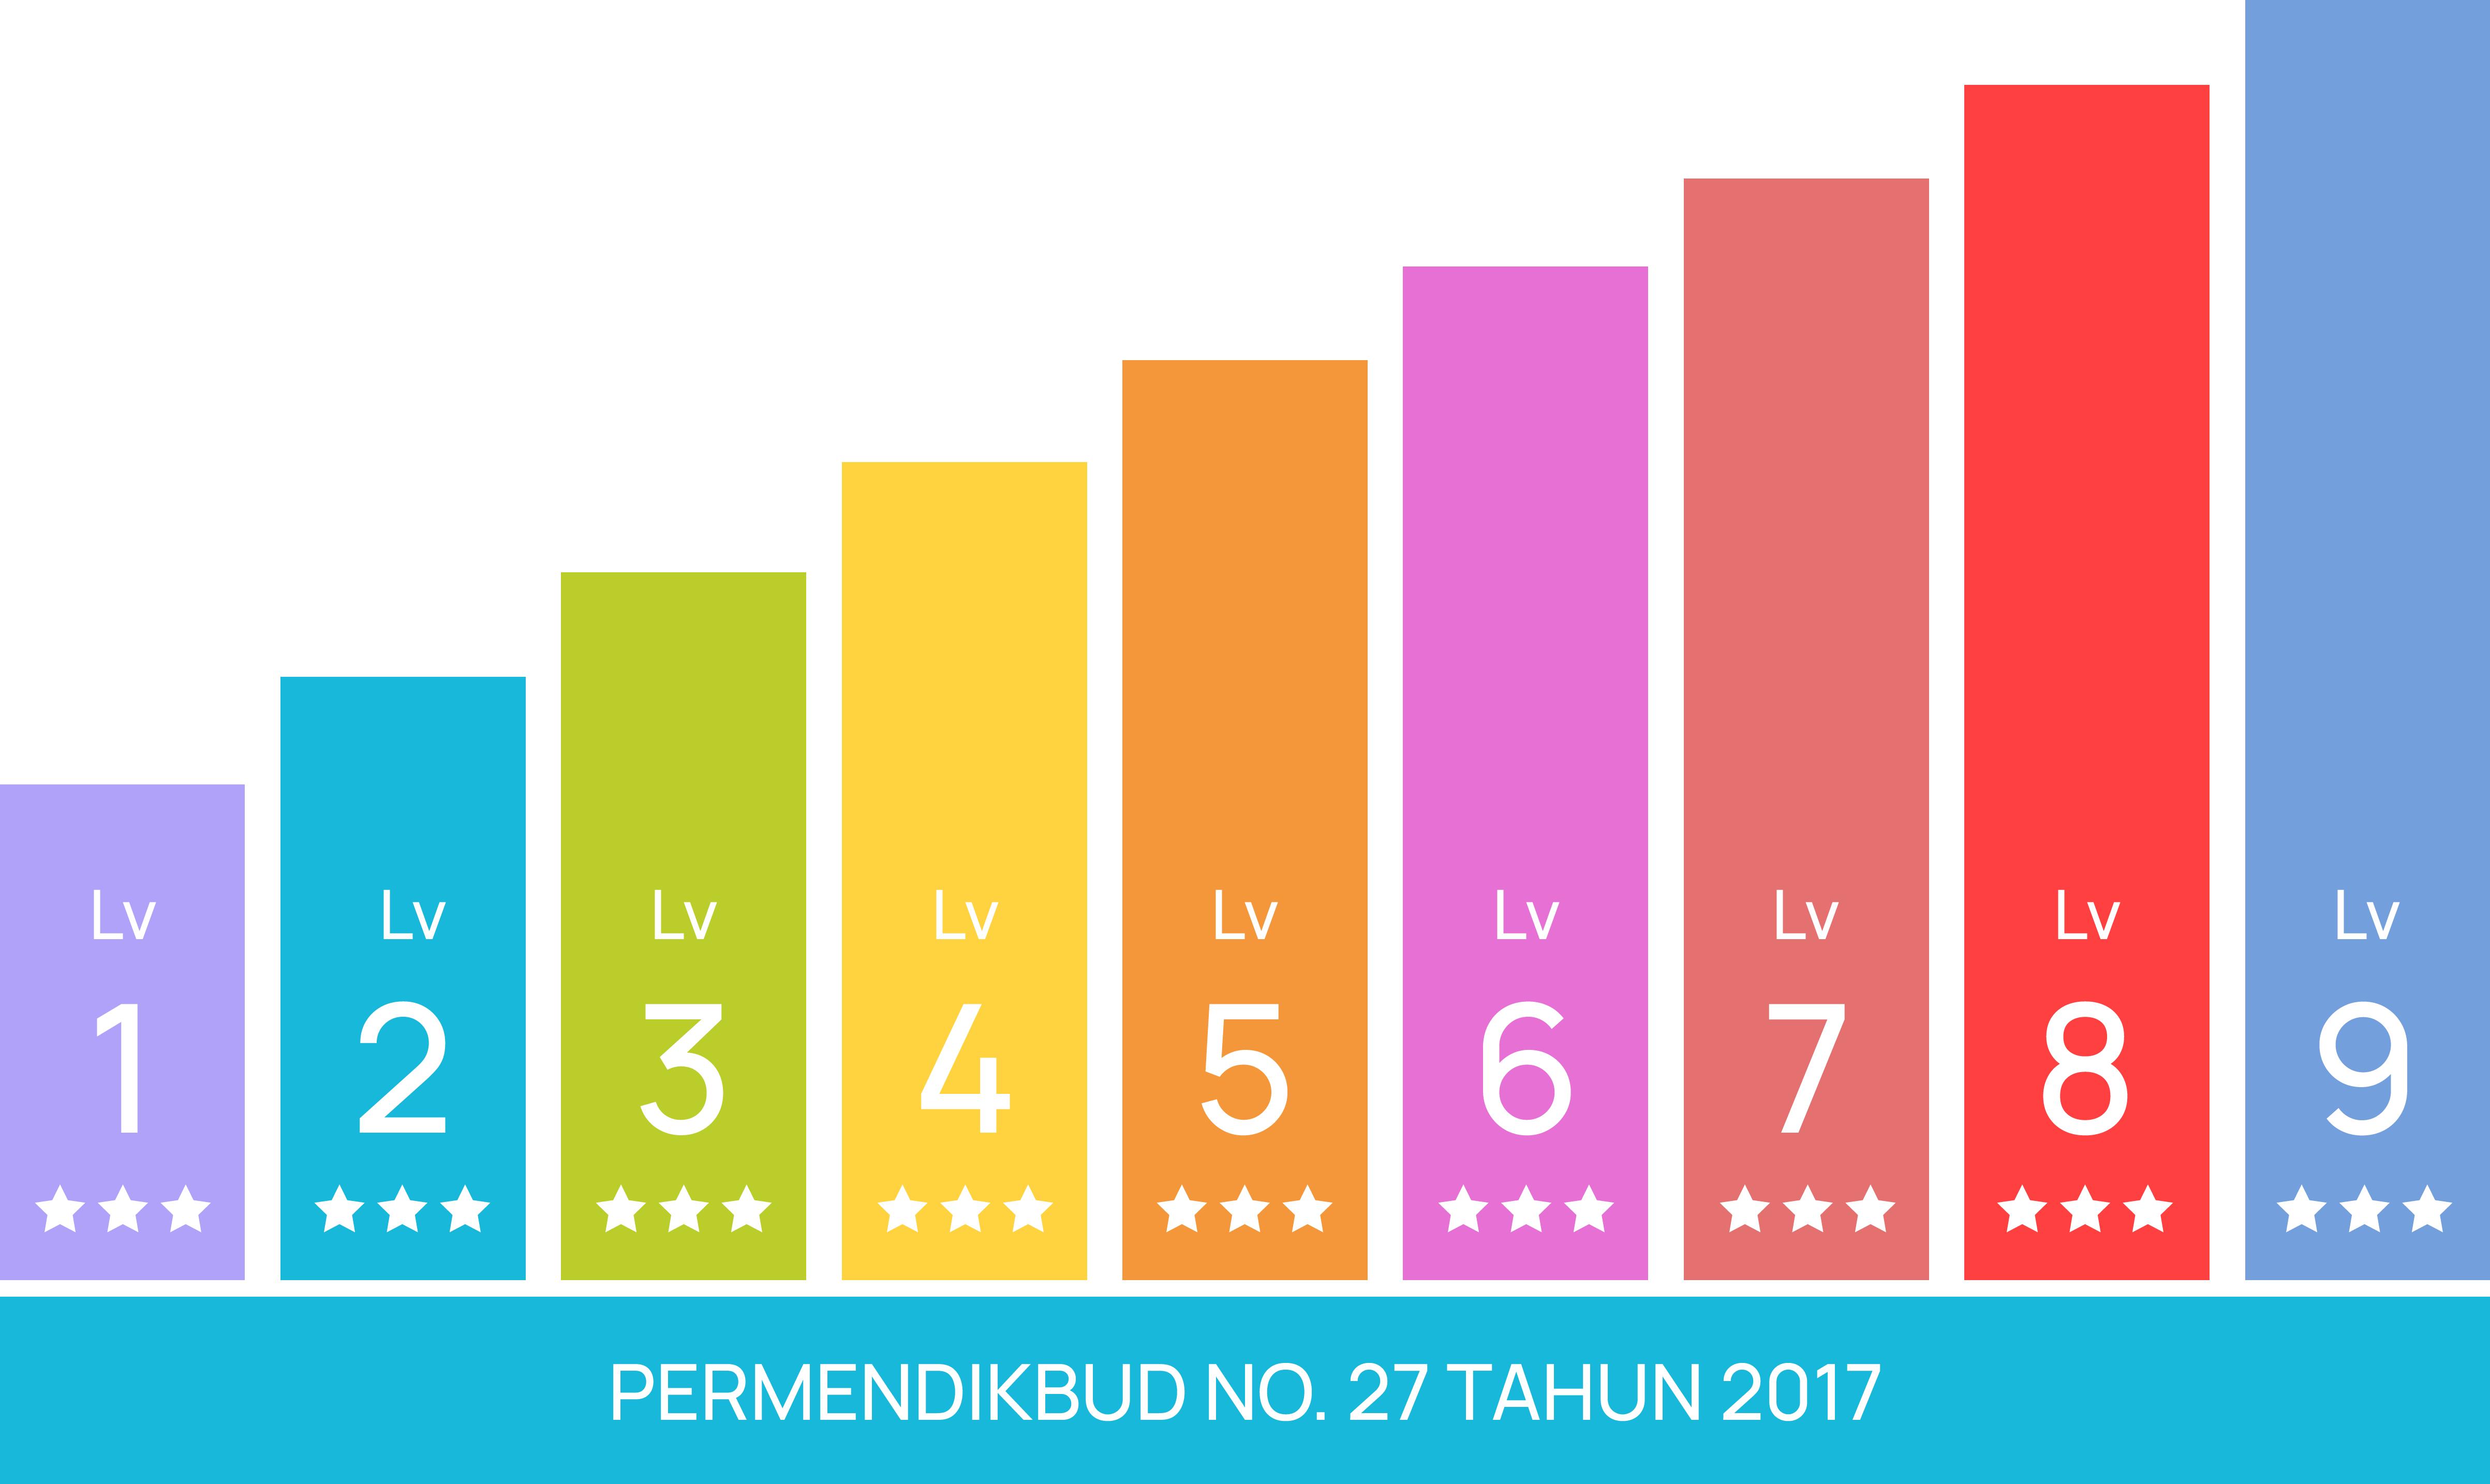 Tingkatan Level Kursus Bahasa Indonesia Untuk Penutur Asing